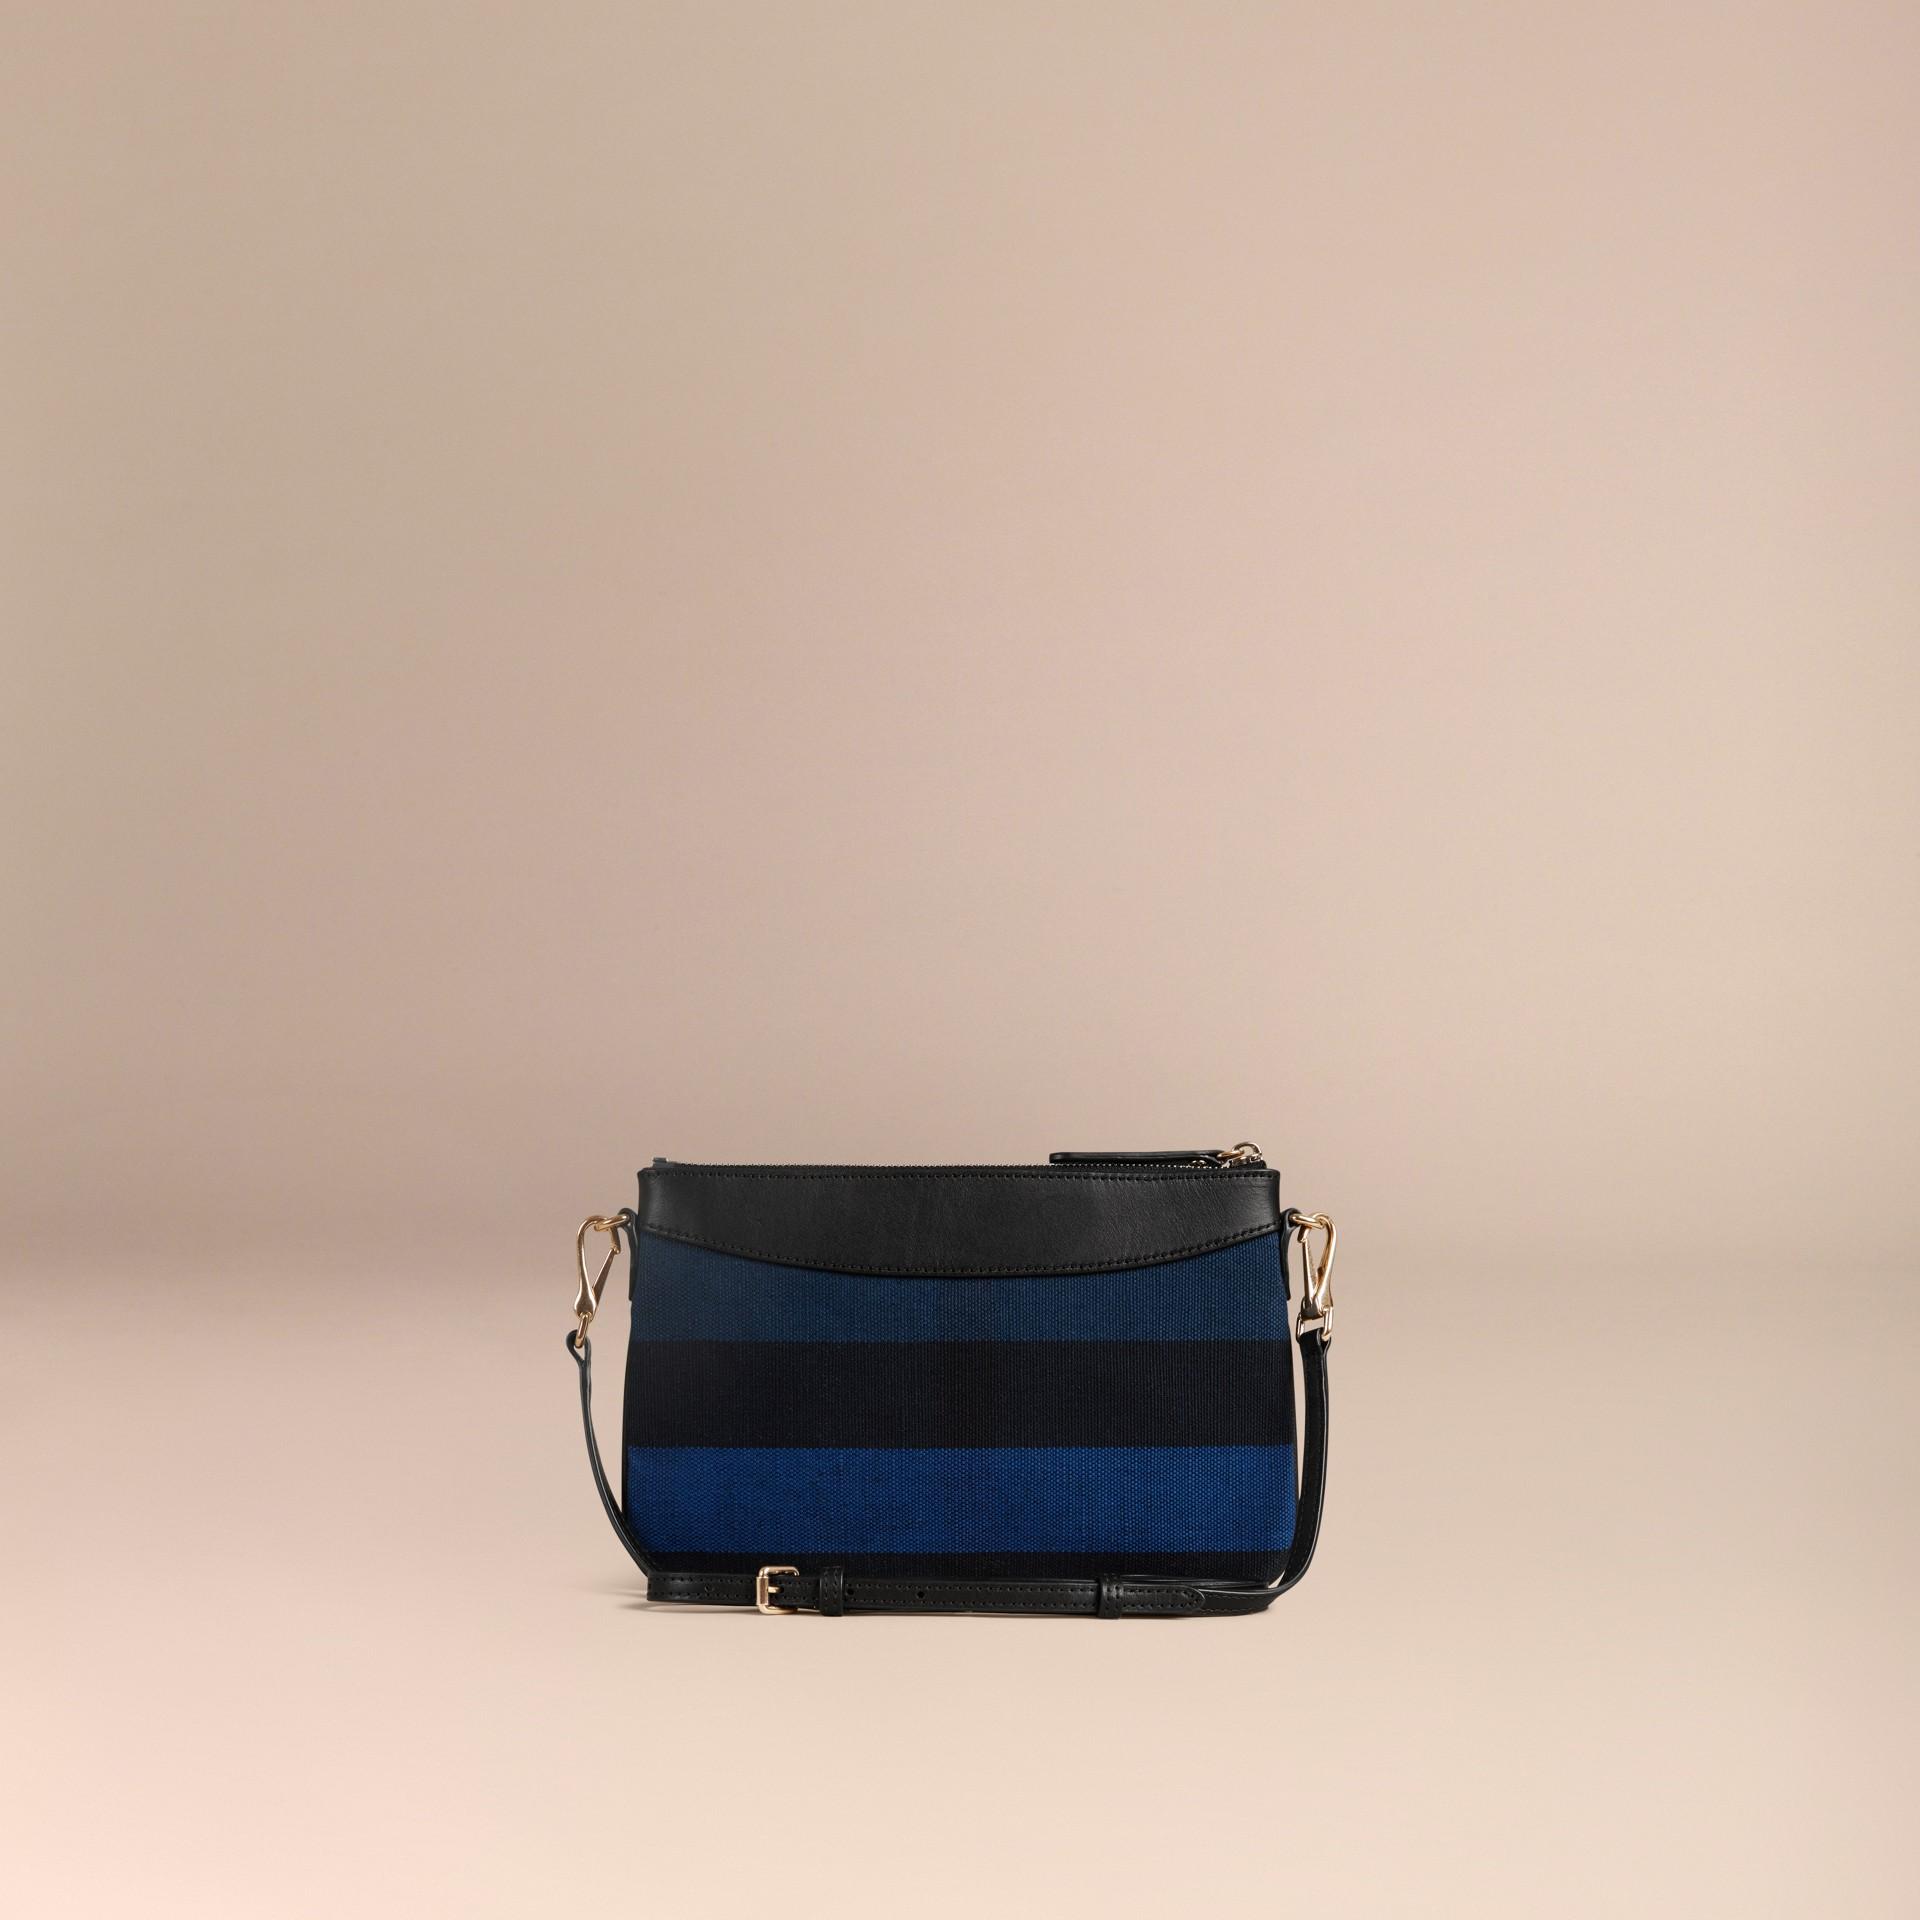 Bleu ultramarine Clutch Canvas check Bleu Ultramarine - photo de la galerie 5